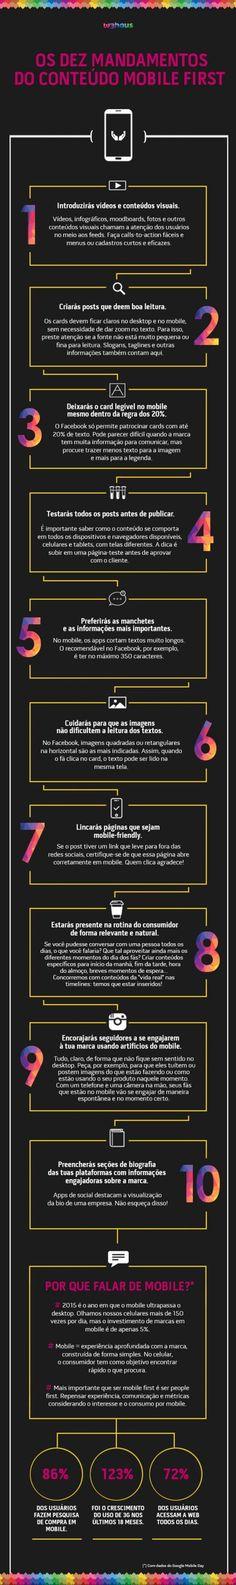 Adnews - Movido pela notícia - MobileApp